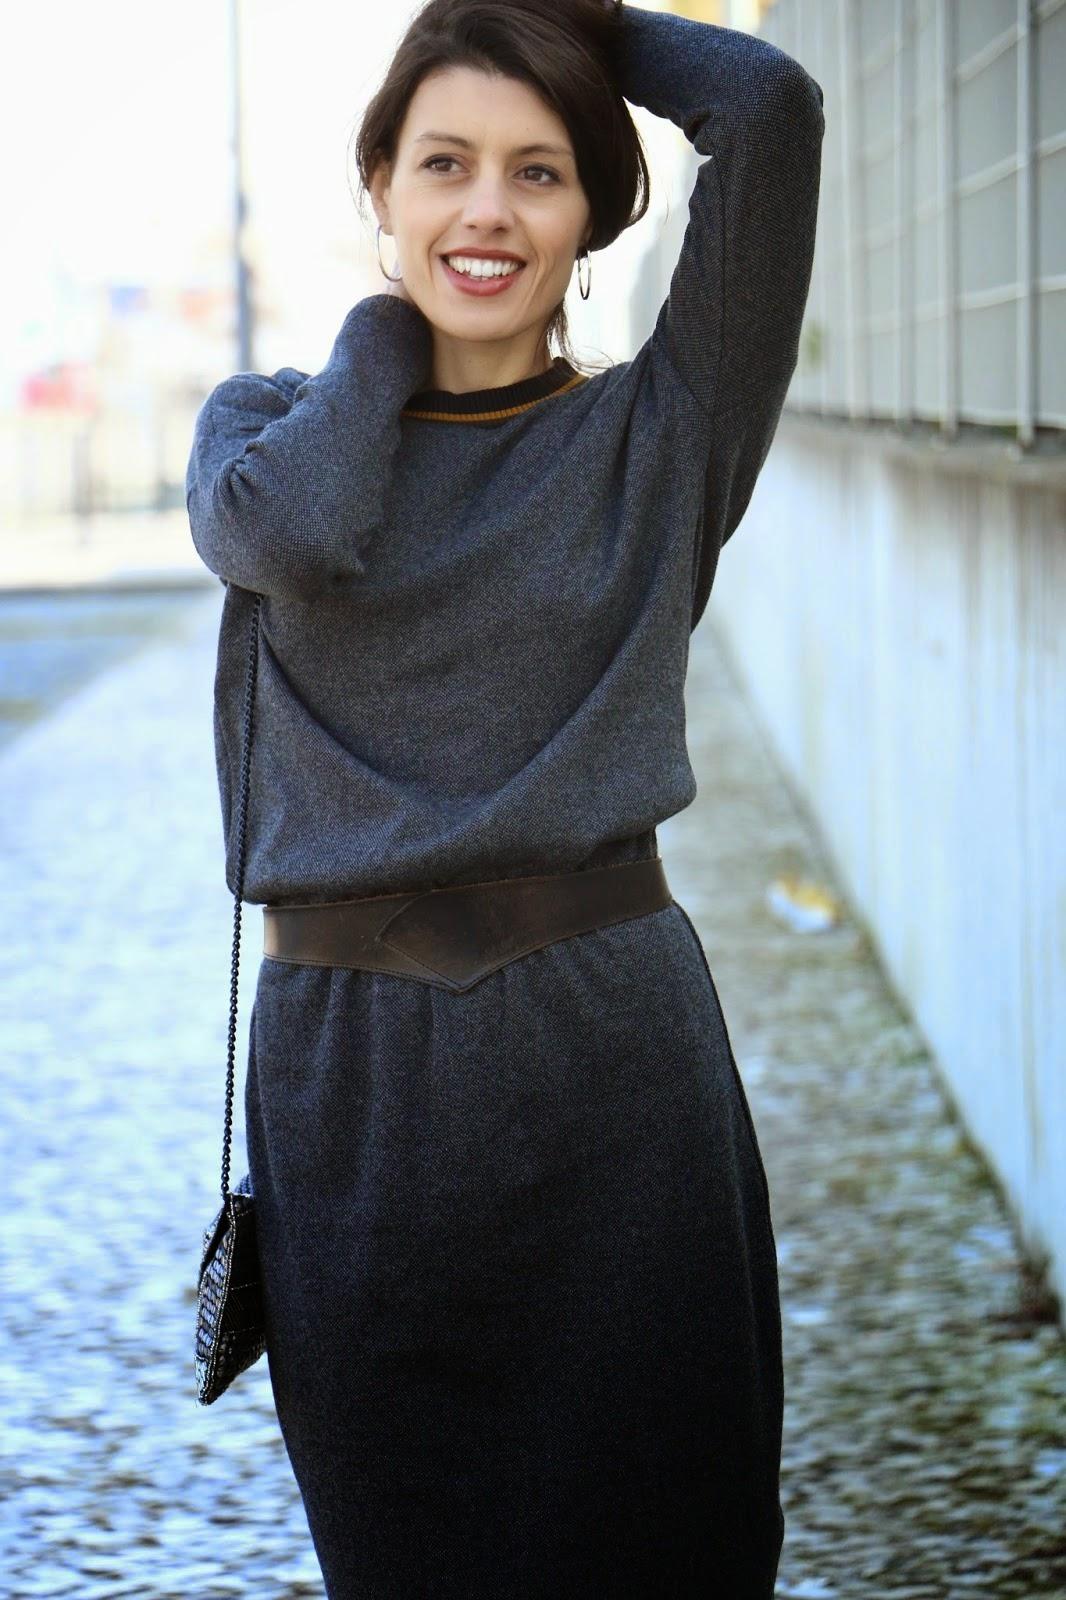 http://ilovefitametrica.blogspot.pt/2015/01/grey-dress.html